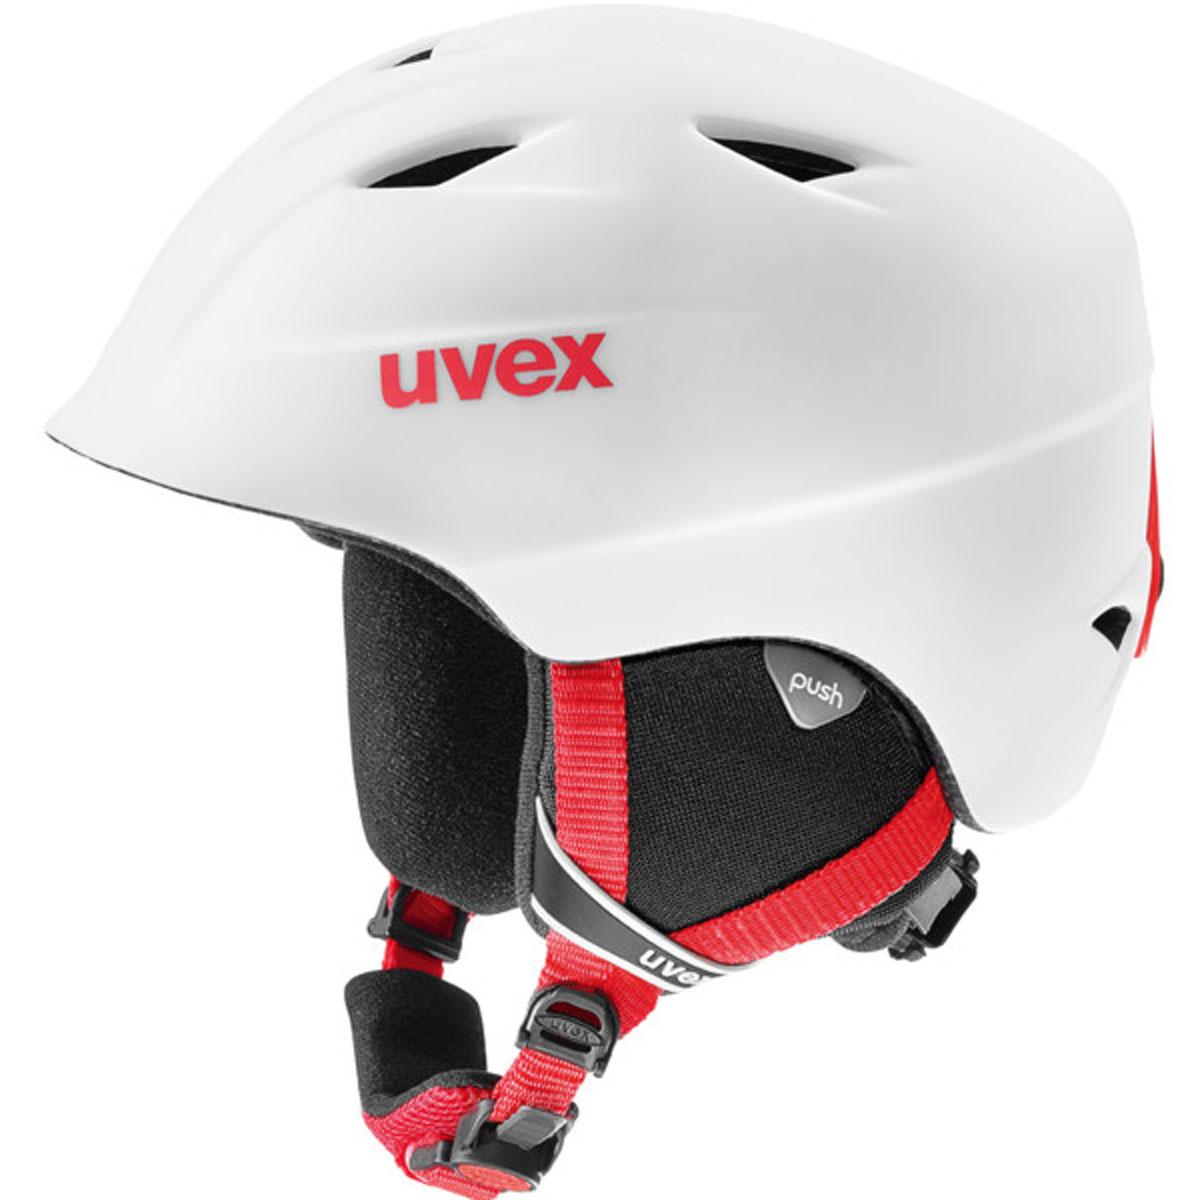 Шлем горнолыжный детский Uvex Airwing 2 Pro Kids Helmet, цвет: белый, красный матовый. Размер S6132Детский шлем Uvex Airwing 2 Pro Kids Helmet обеспечит юному лыжнику максимальный комфорт на склоне. В модели предусмотрены система вентиляции, съемная защита ушей и фиксатор стрэпа маски. Система индивидуальной подгонки размера IAS и застежка Monomatic позволят надежно закрепить шлем на голове. Подкладка выполнена из гипоаллергенного материала.